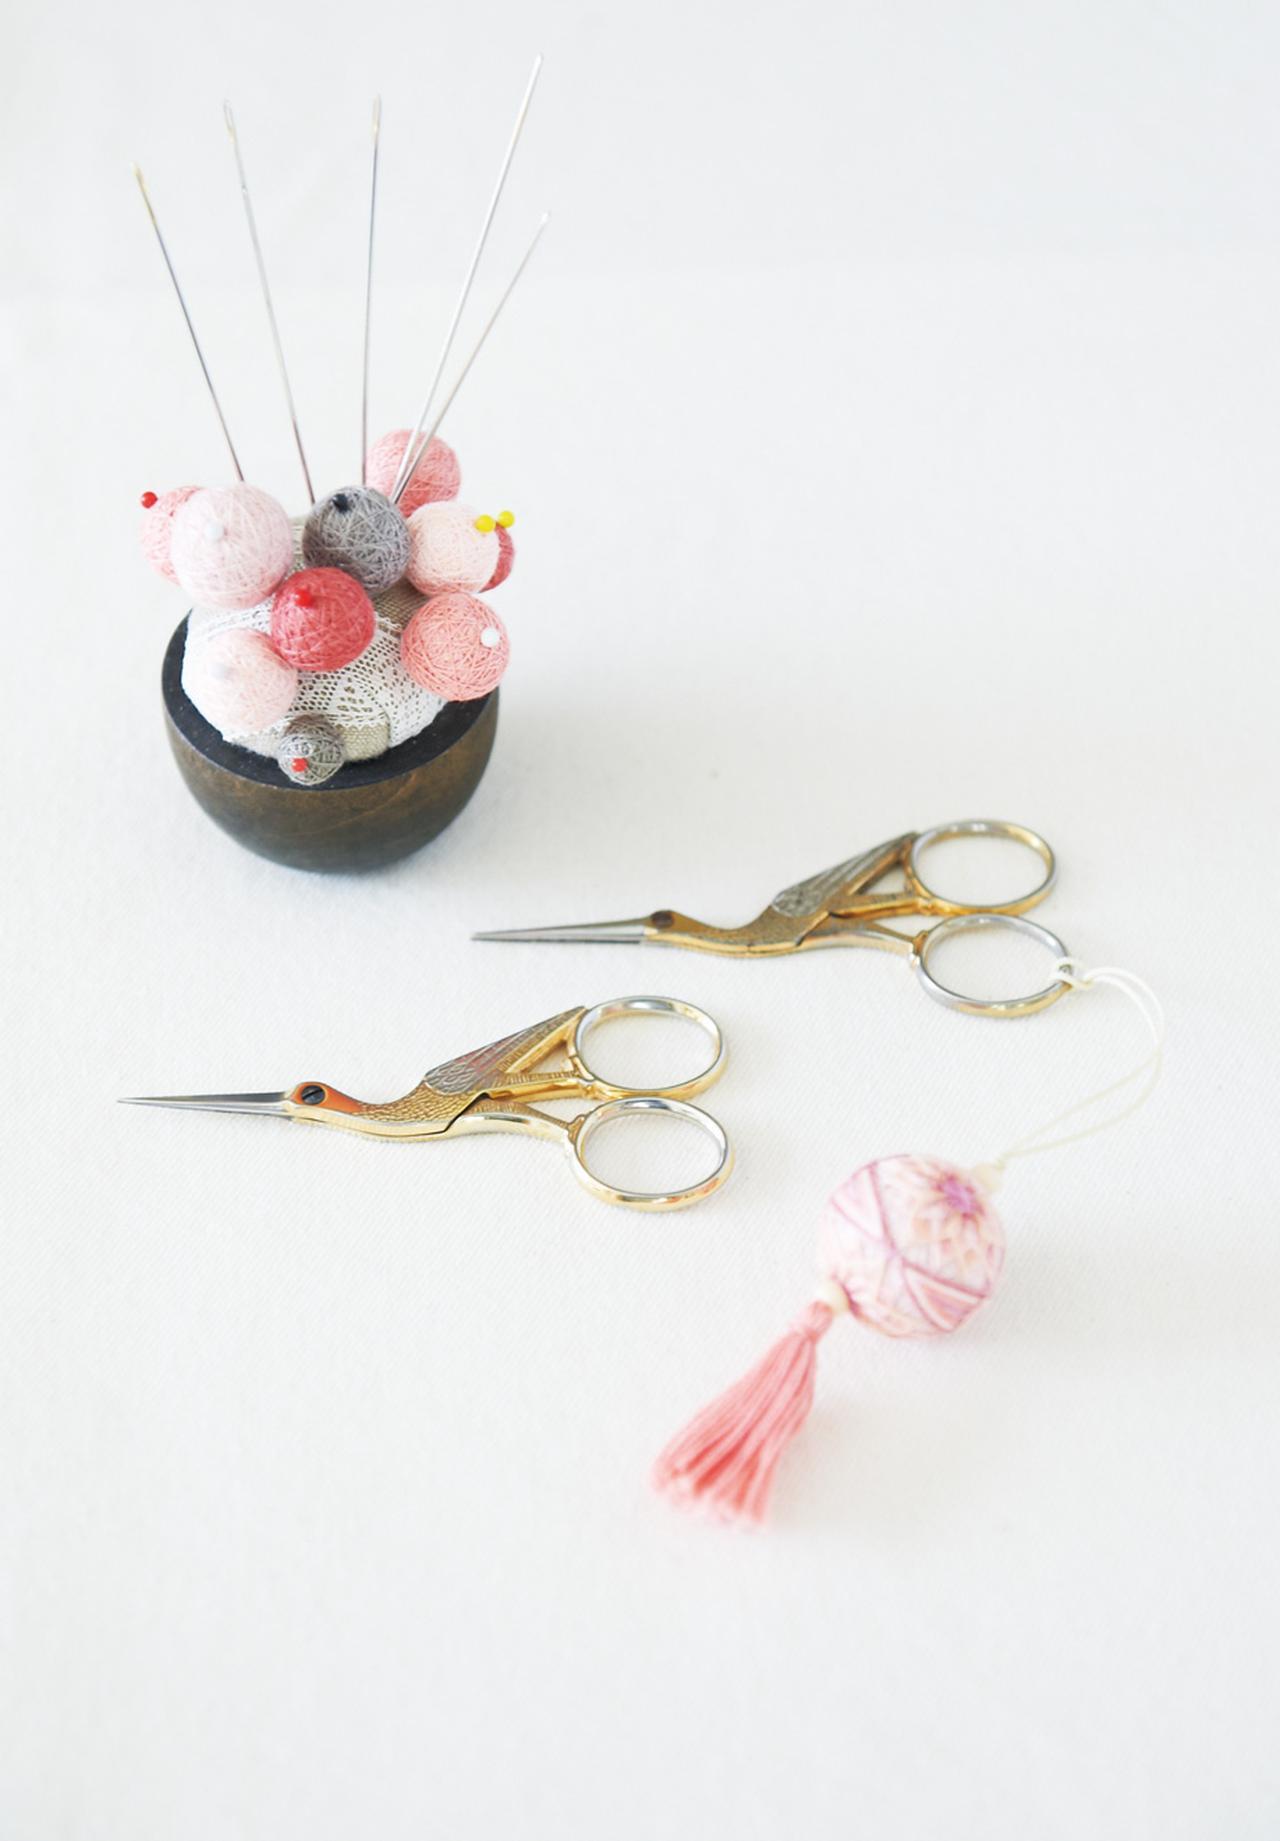 画像: 永子さんの裁縫道具。使用する針は、通常の裁縫針より長くて太い、布団針。右上のはさみは、八重子さんから譲り受けたもの